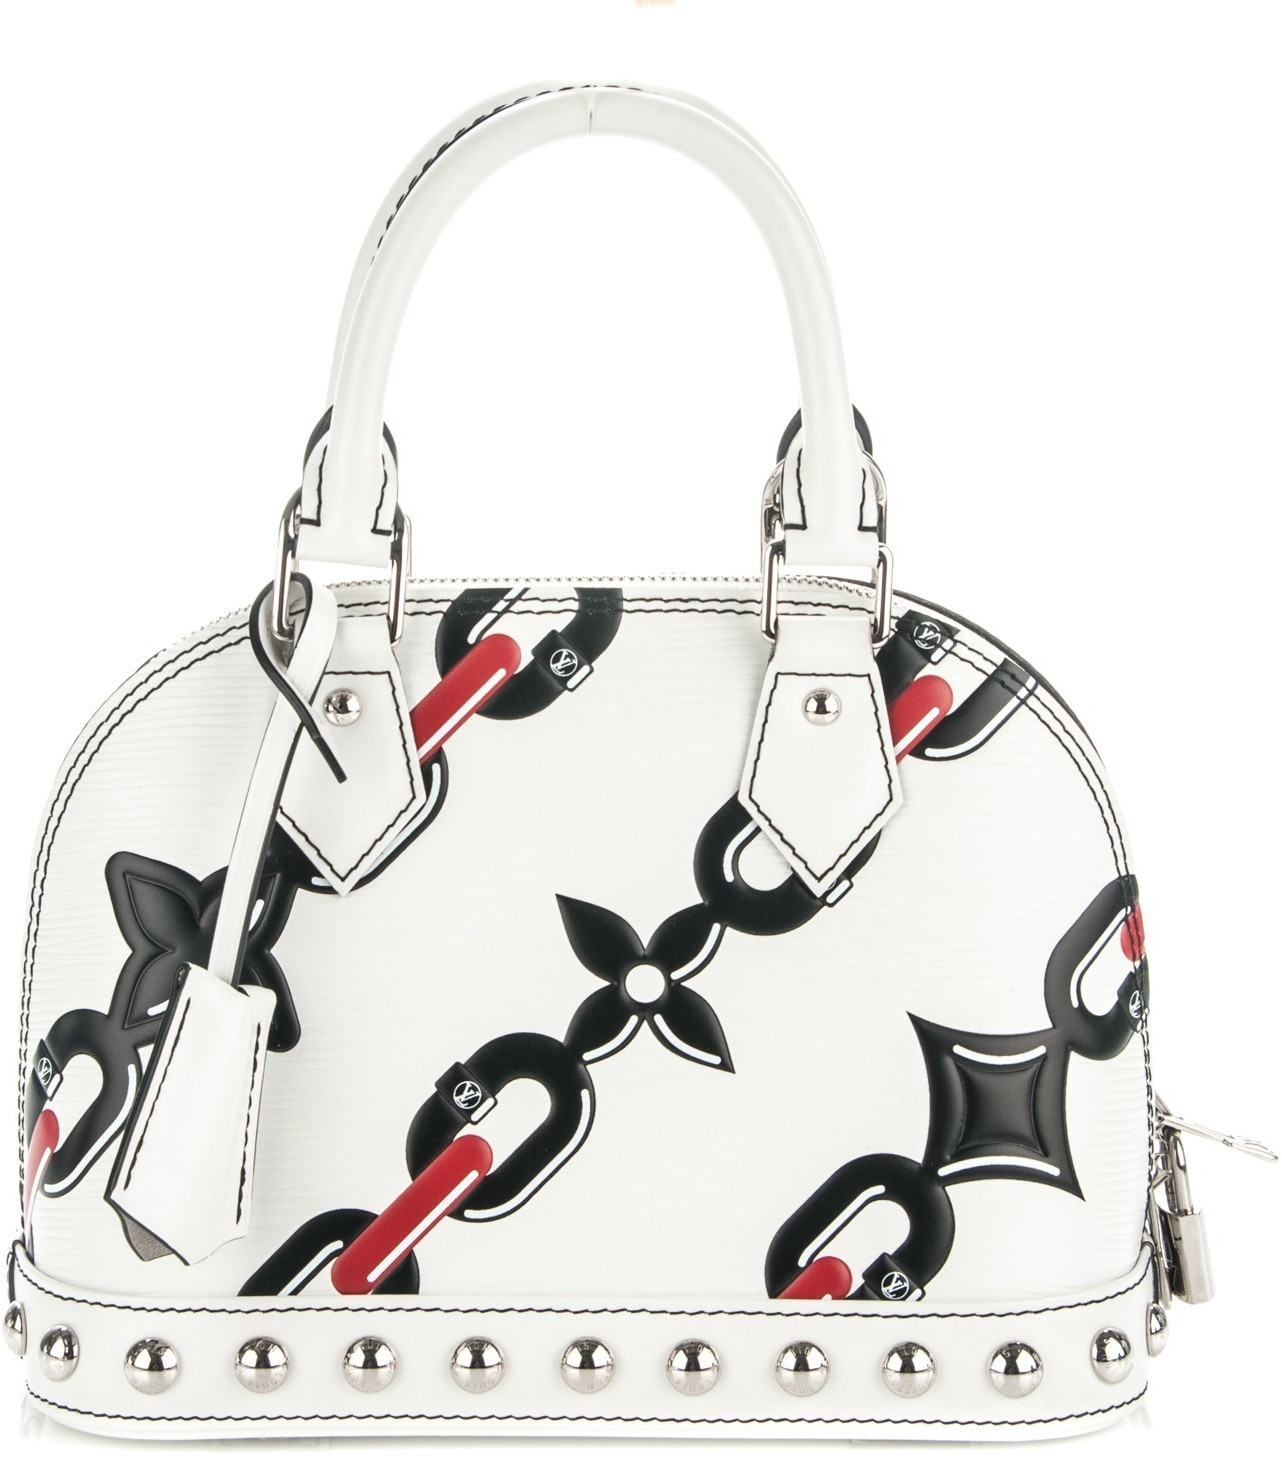 Louis Vuitton Alma Epi Chain Flower Bb White In White,Black,Red